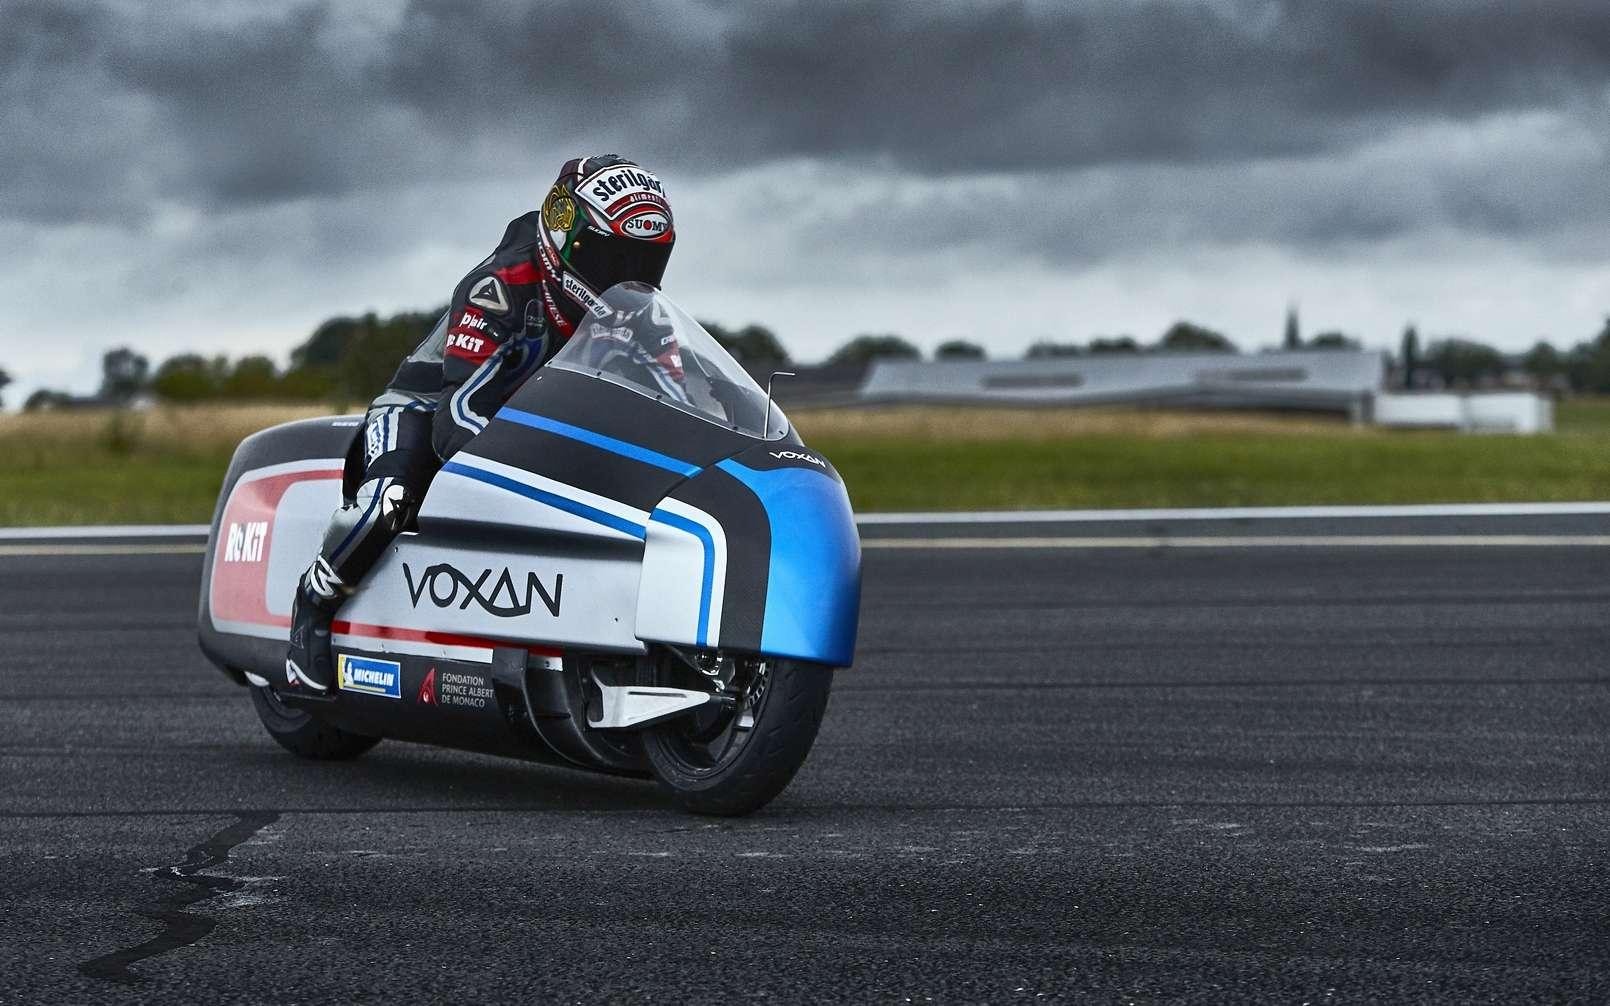 Cette moto électrique peut atteindre les 330 km/h